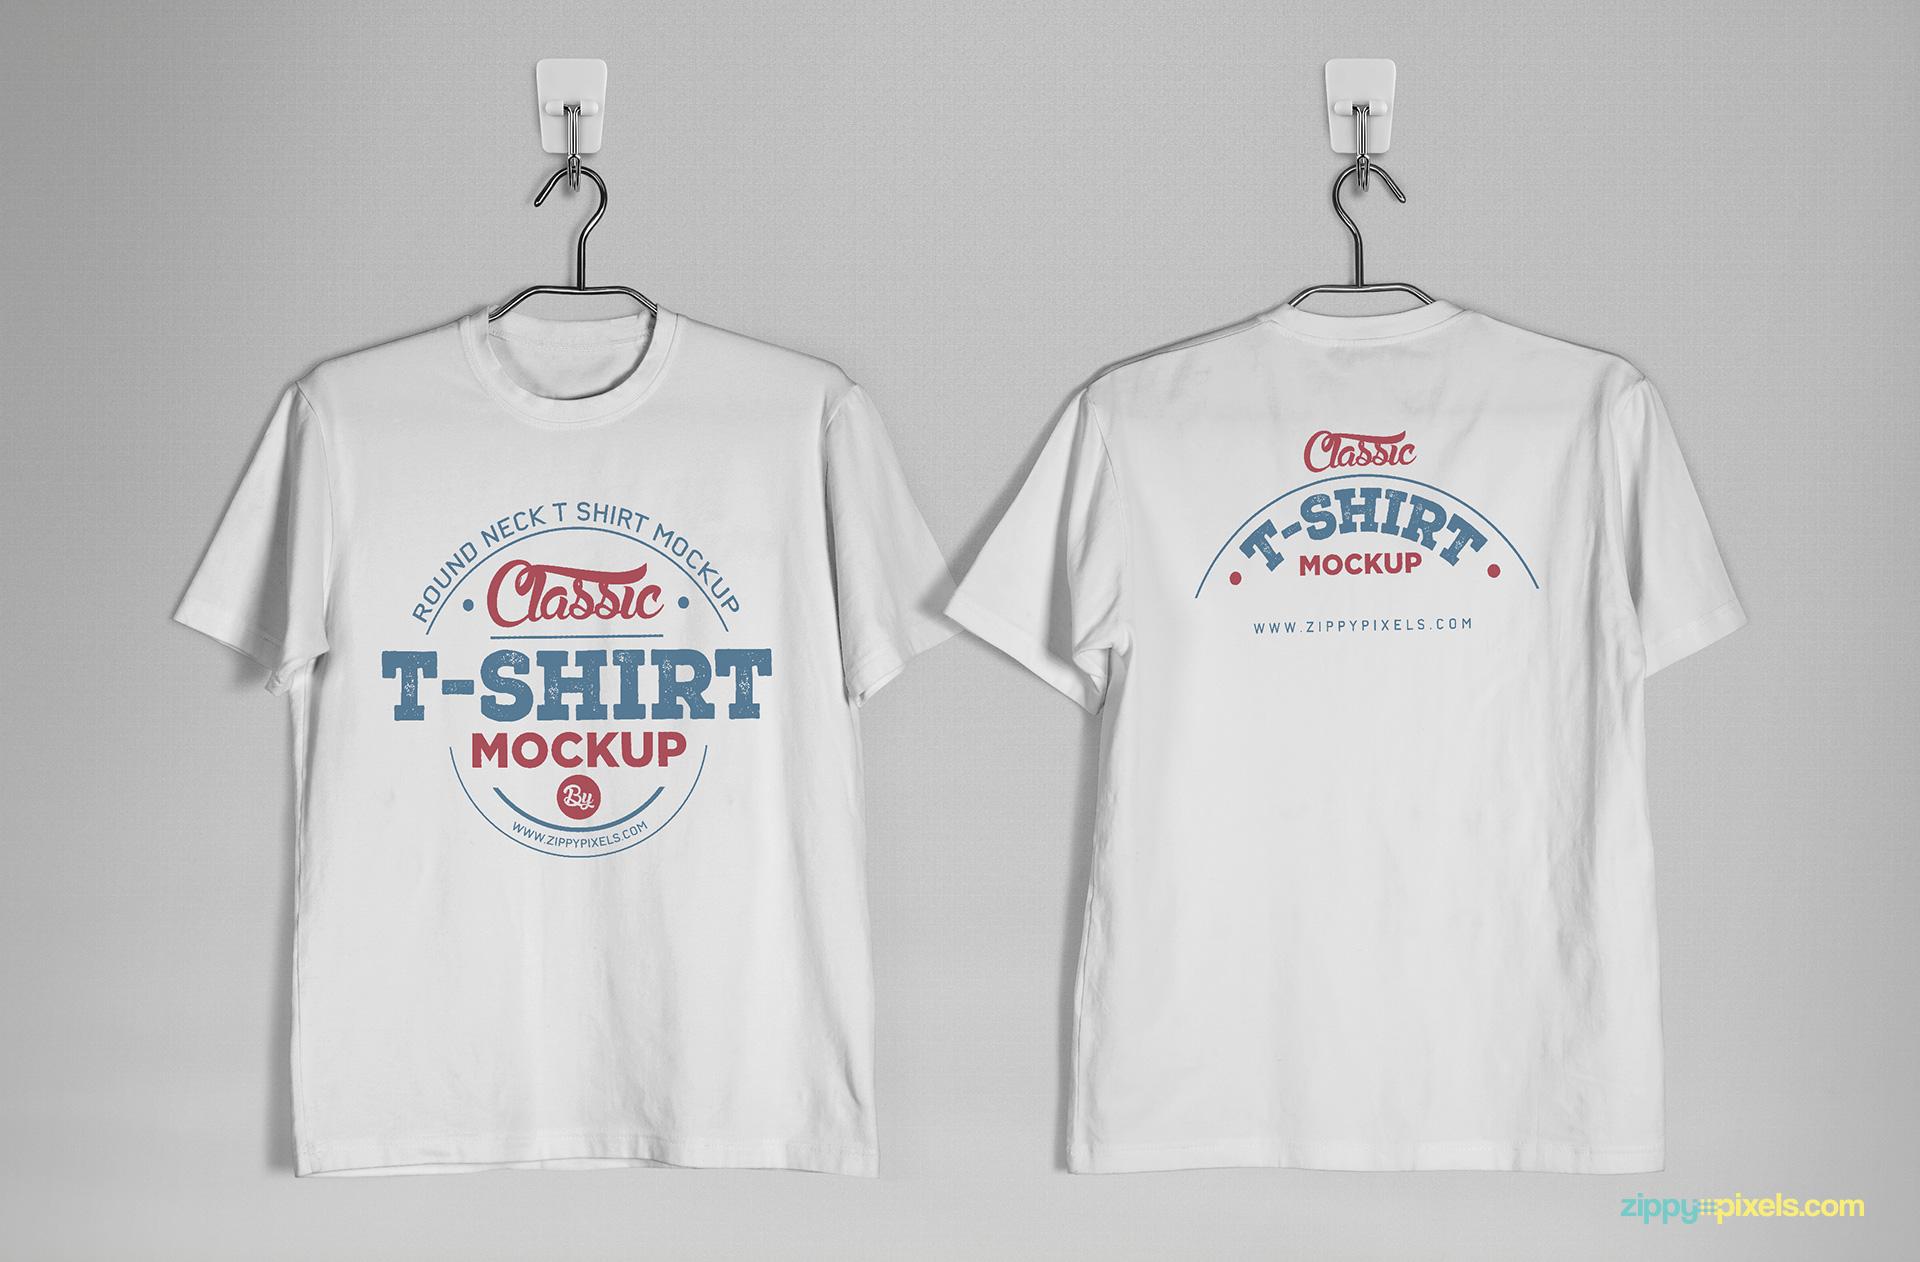 89df7c2f2 t shirt mockup free psd download zippypixels .